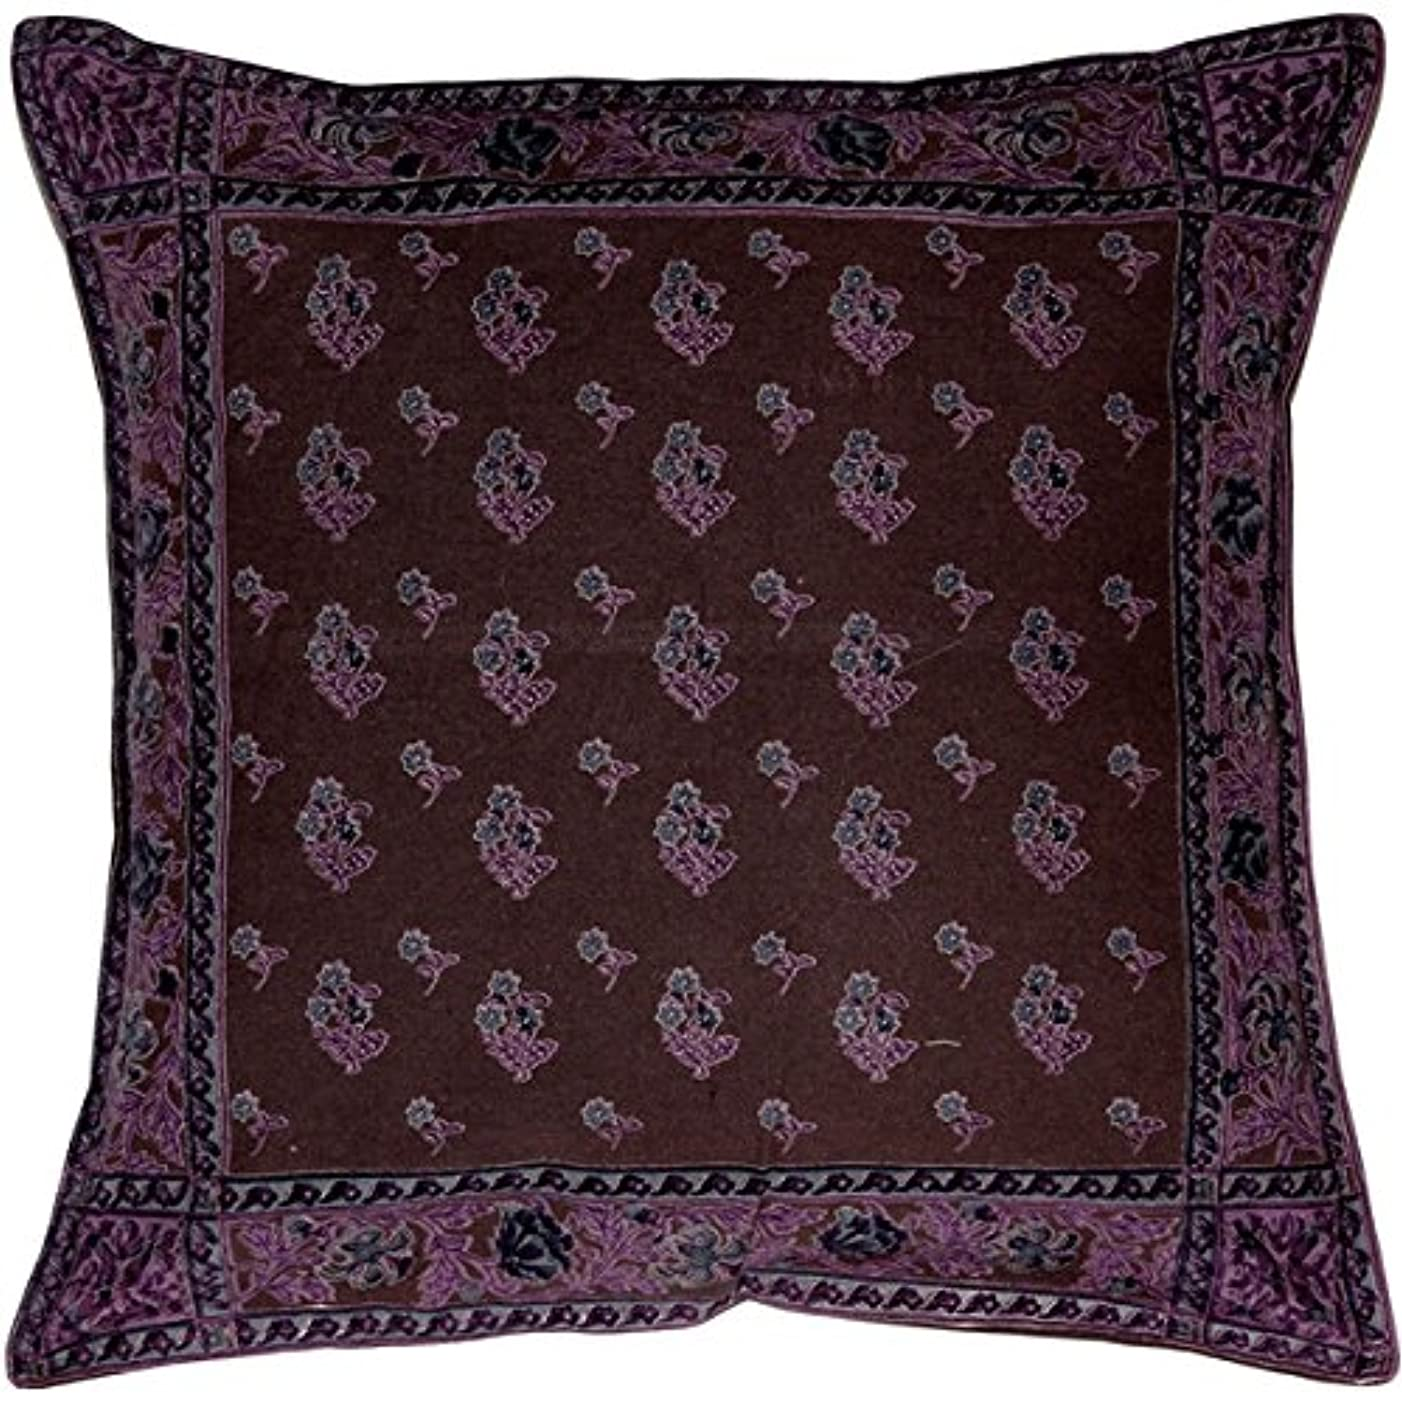 出口サリー何枕装飾サマセットDownsパープルコットンスロー枕16?x 16